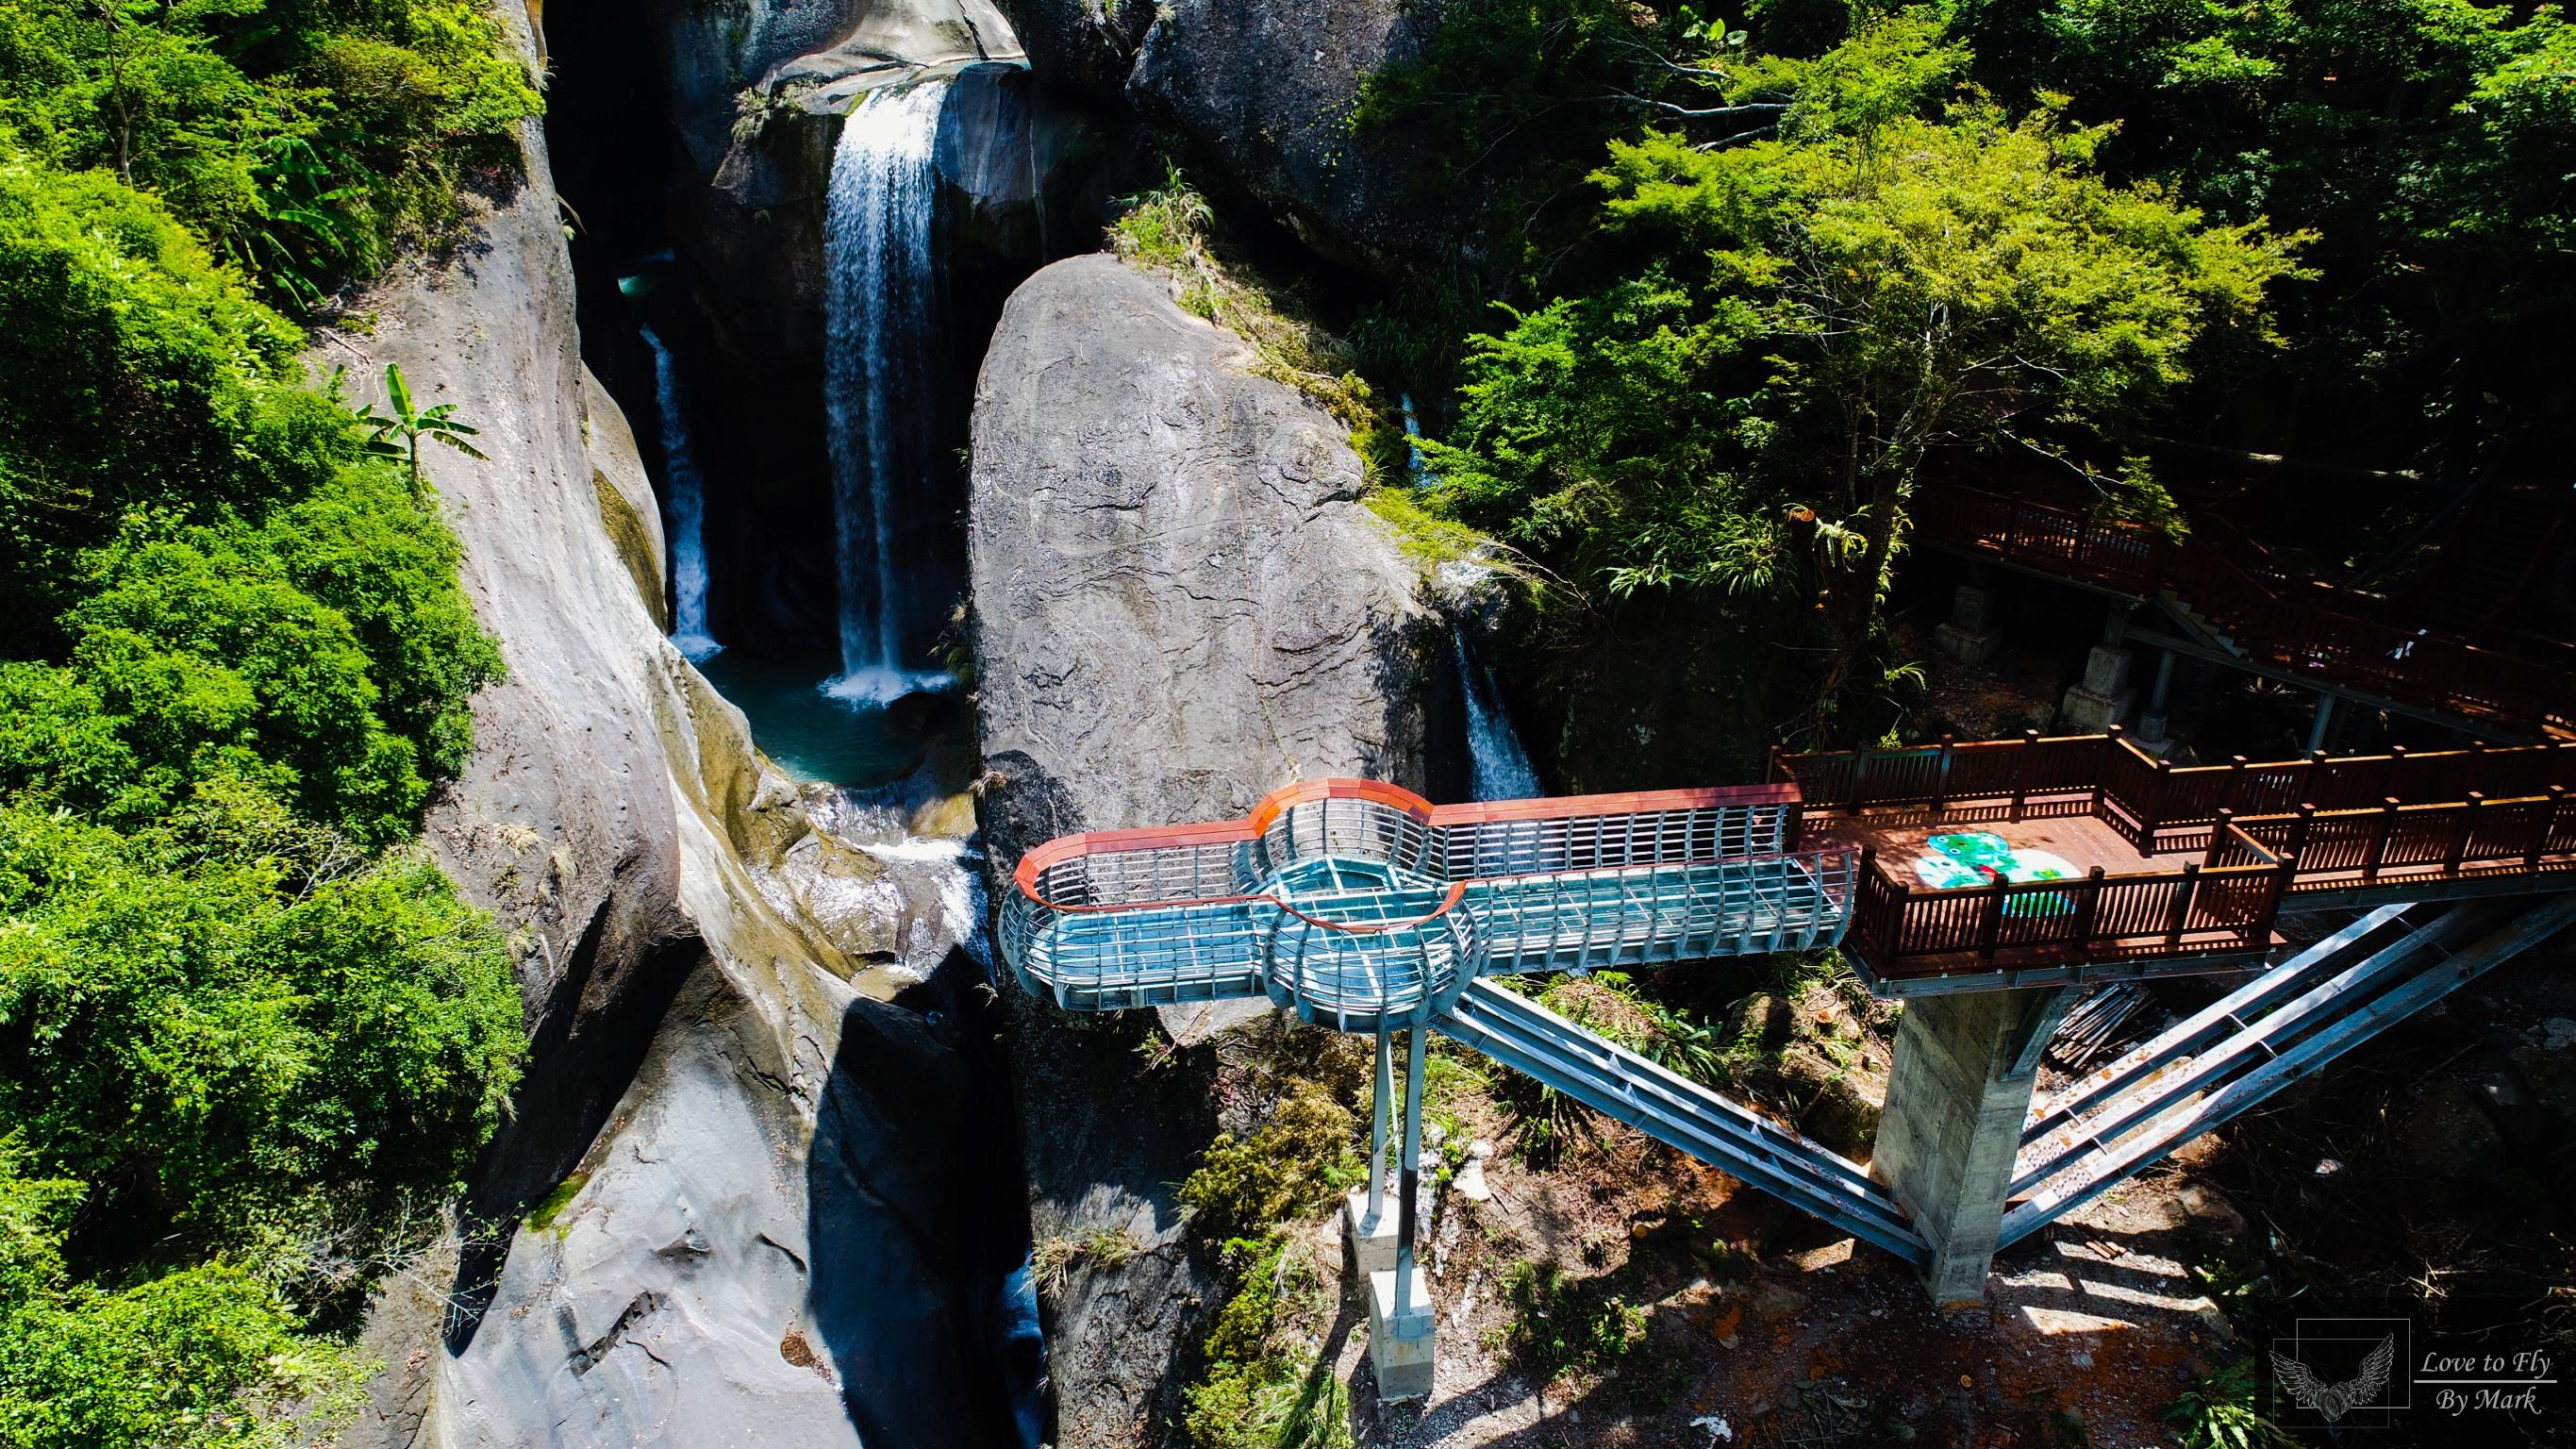 新竹尖石旅遊景點!青蛙石天空步道最新報導,門票|開放時間|地址|交通方式|線上預約